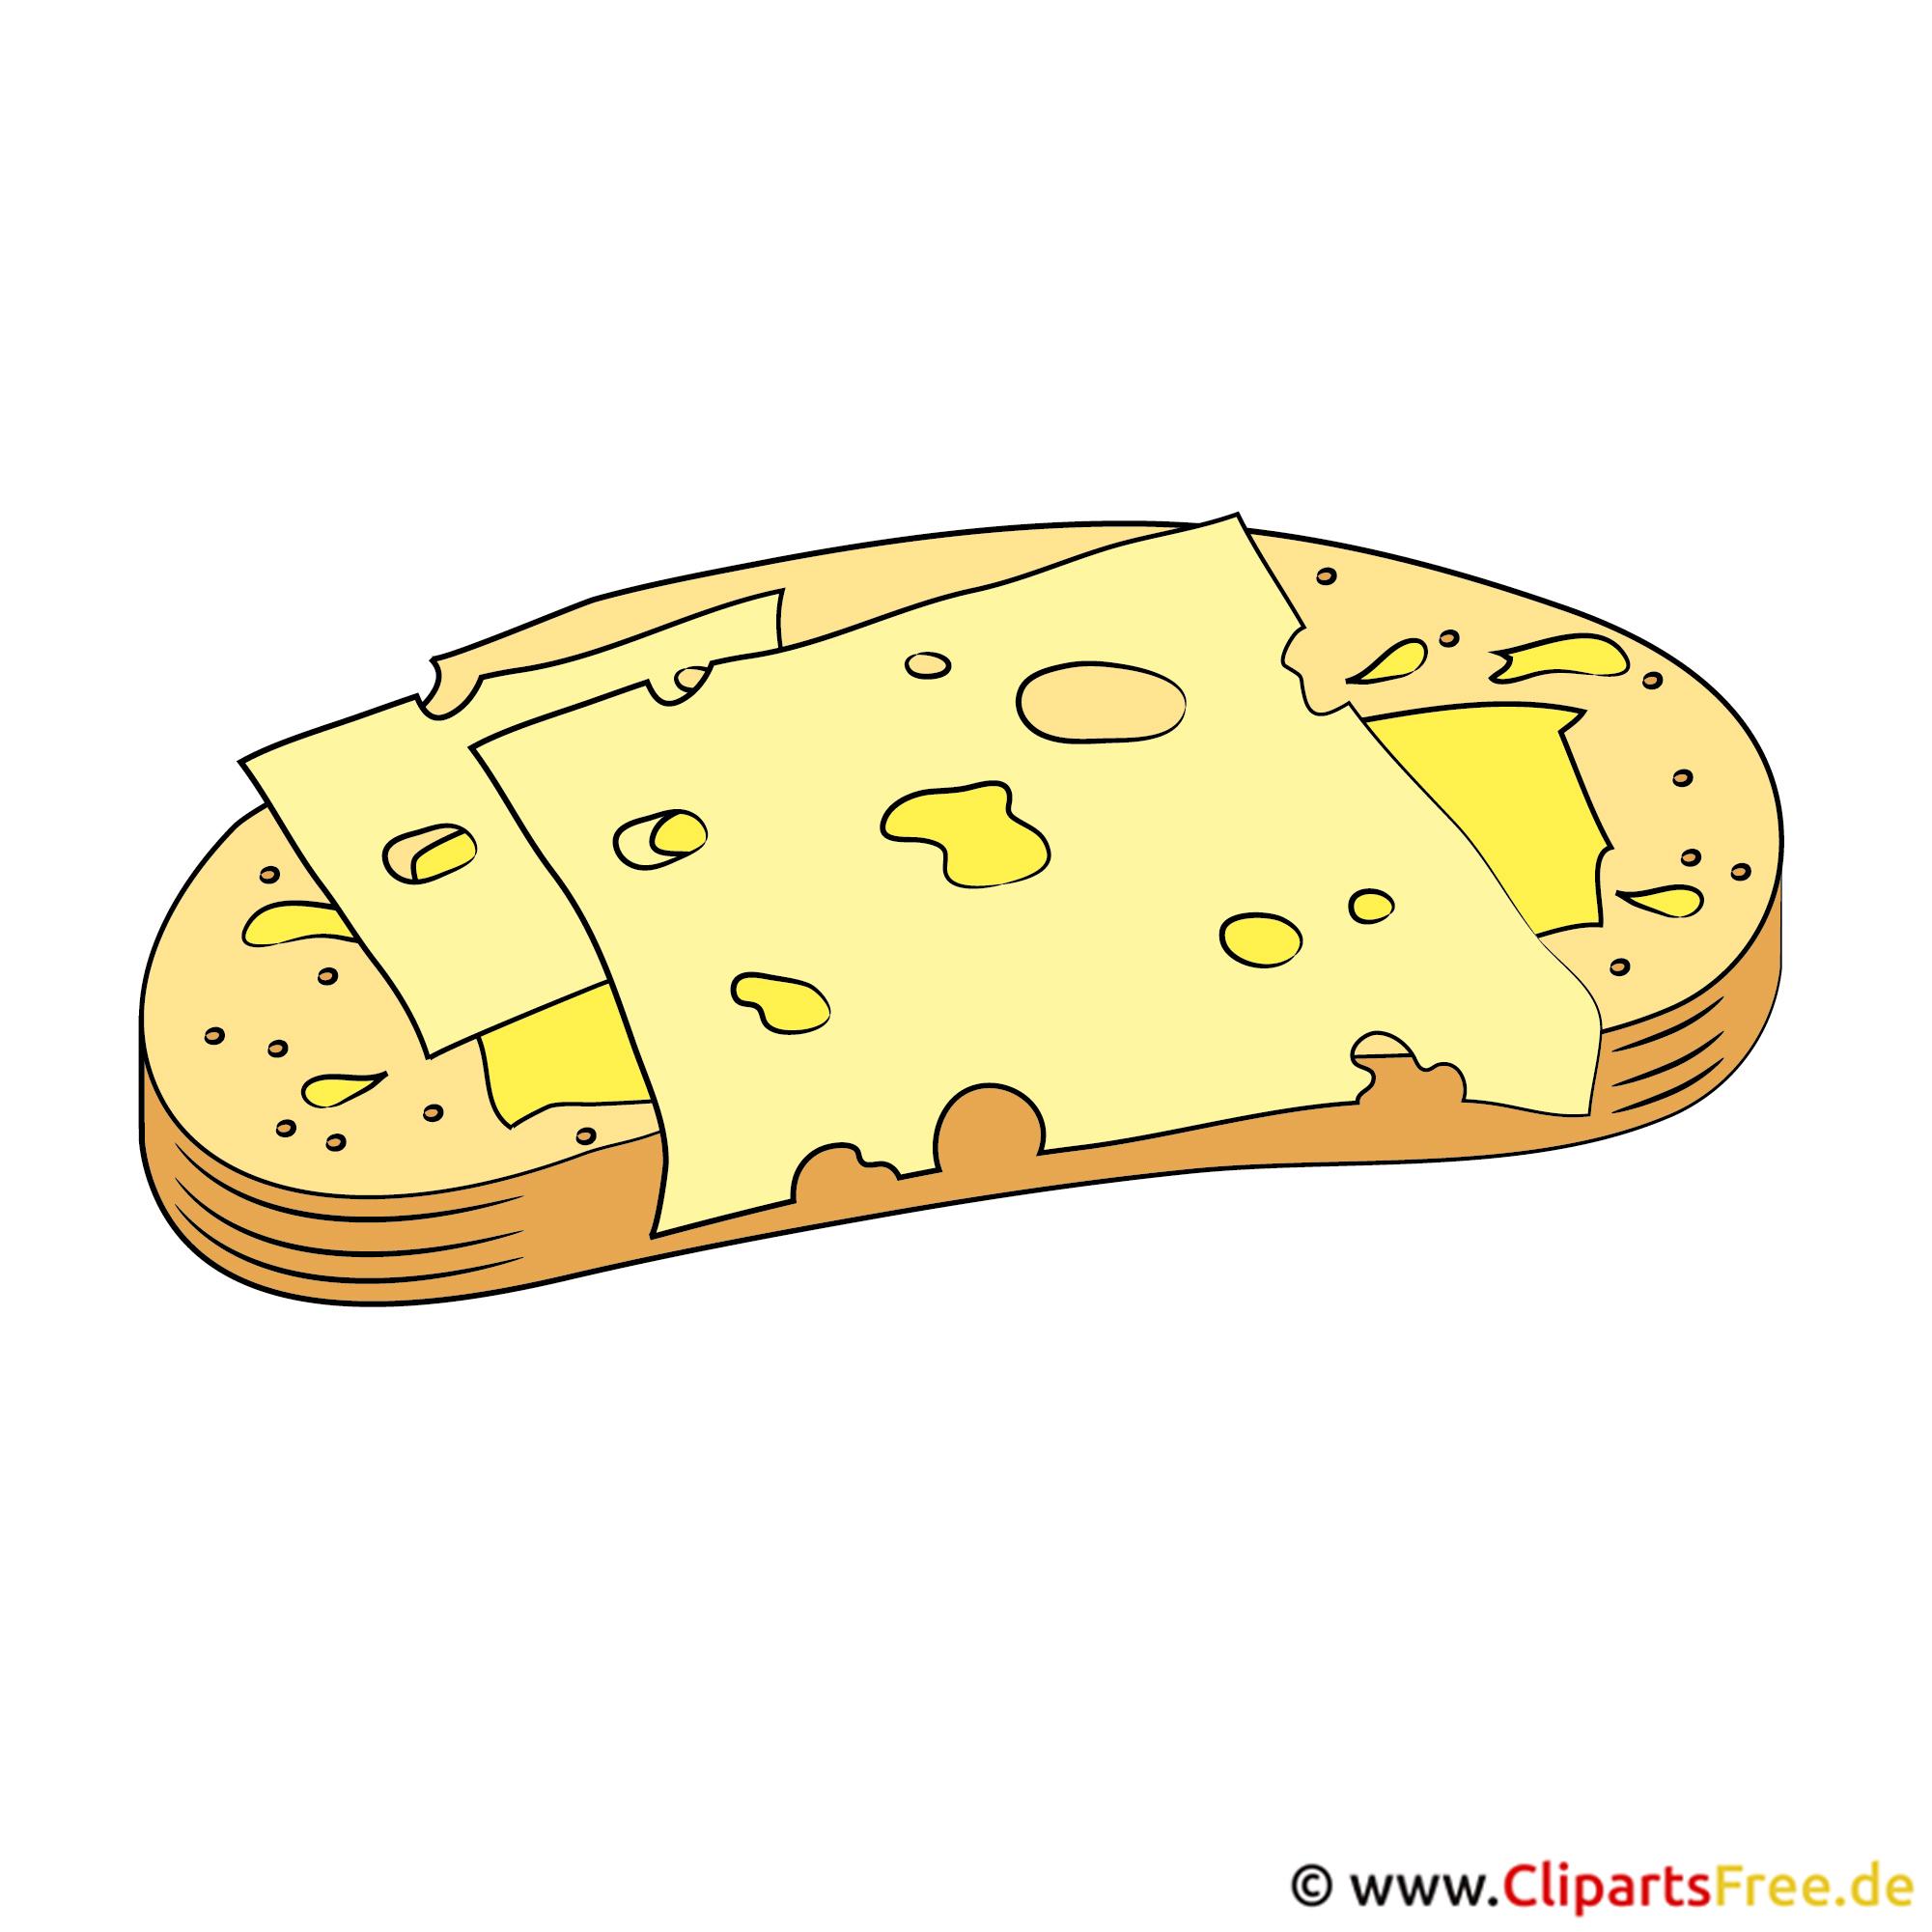 Cliparts Essen und Trinken - Käse und Brot